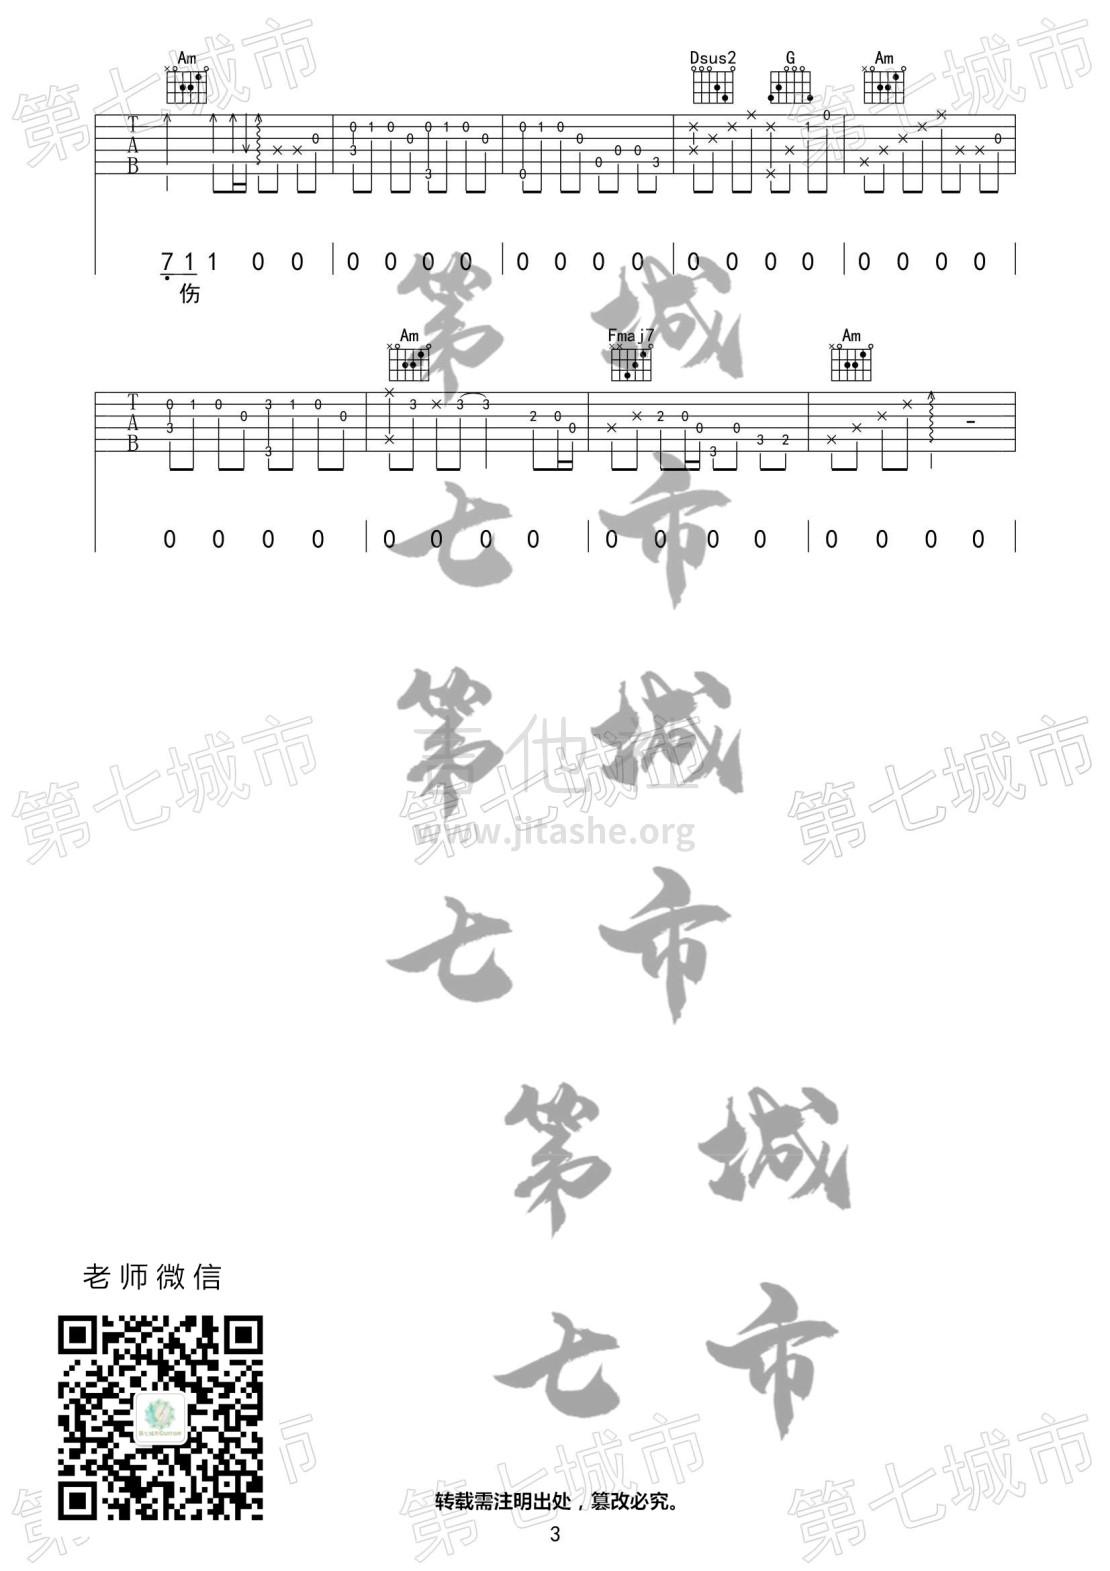 一吻天荒吉他谱(图片谱,一吻天荒,刘大壮,吉他谱)_刘大壮_一吻天荒水印3.jpg